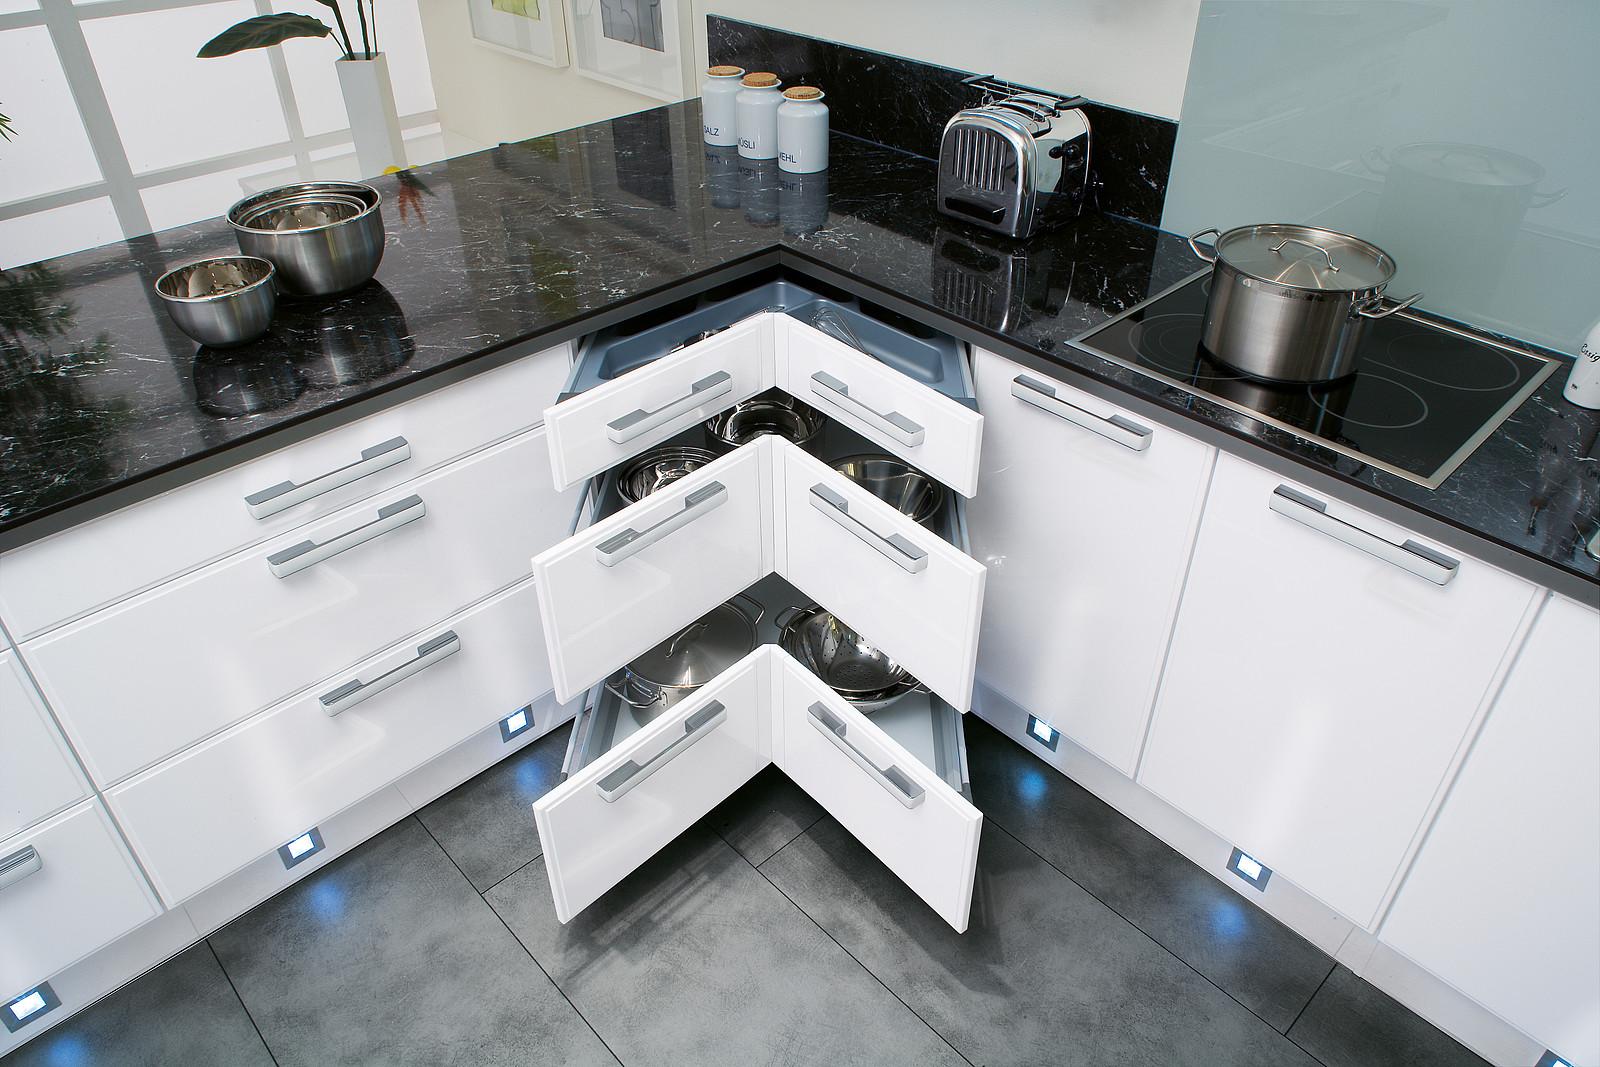 Full Size of Einlegeboden Küchenschrank Einlegeboden Nolte Küche Einlegeboden Schublade Küche Einlegeboden Küchenschrank Ikea Küche Einlegeböden Küche